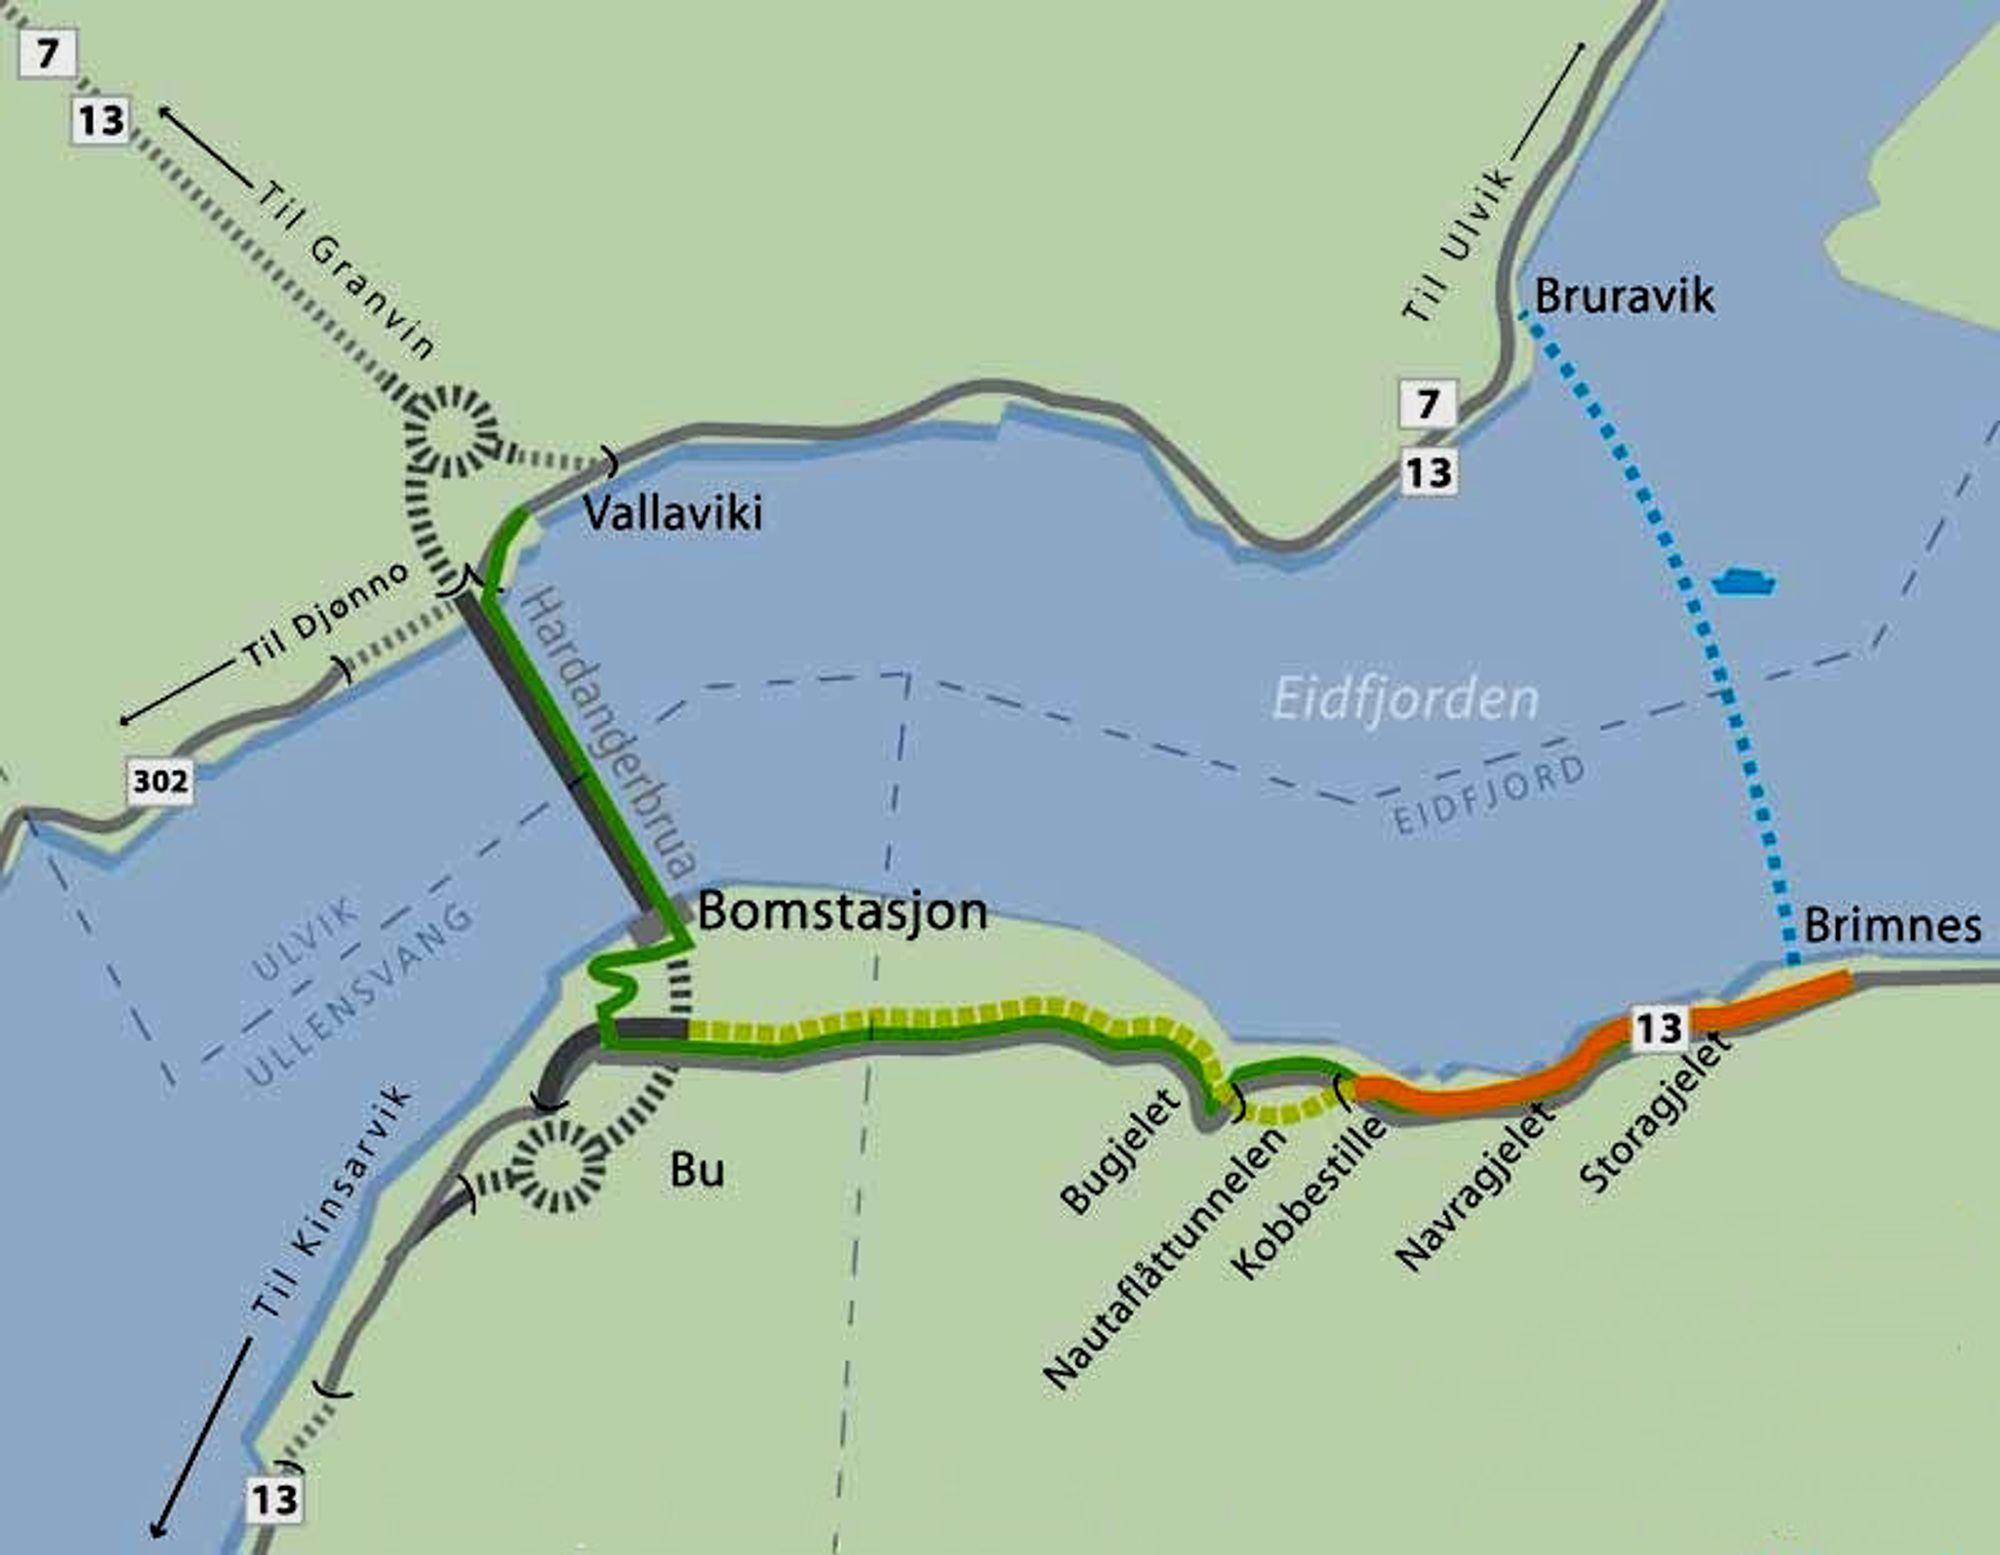 Strekningen som skal utbedres i denne omgangen er markert med oransj. Den stiplete grønne linjen markerer strekningen som skal utbedres med sprengstein fra tilstøtende veger til Hardangerbrua. (Ill.: Statens vegvesen)